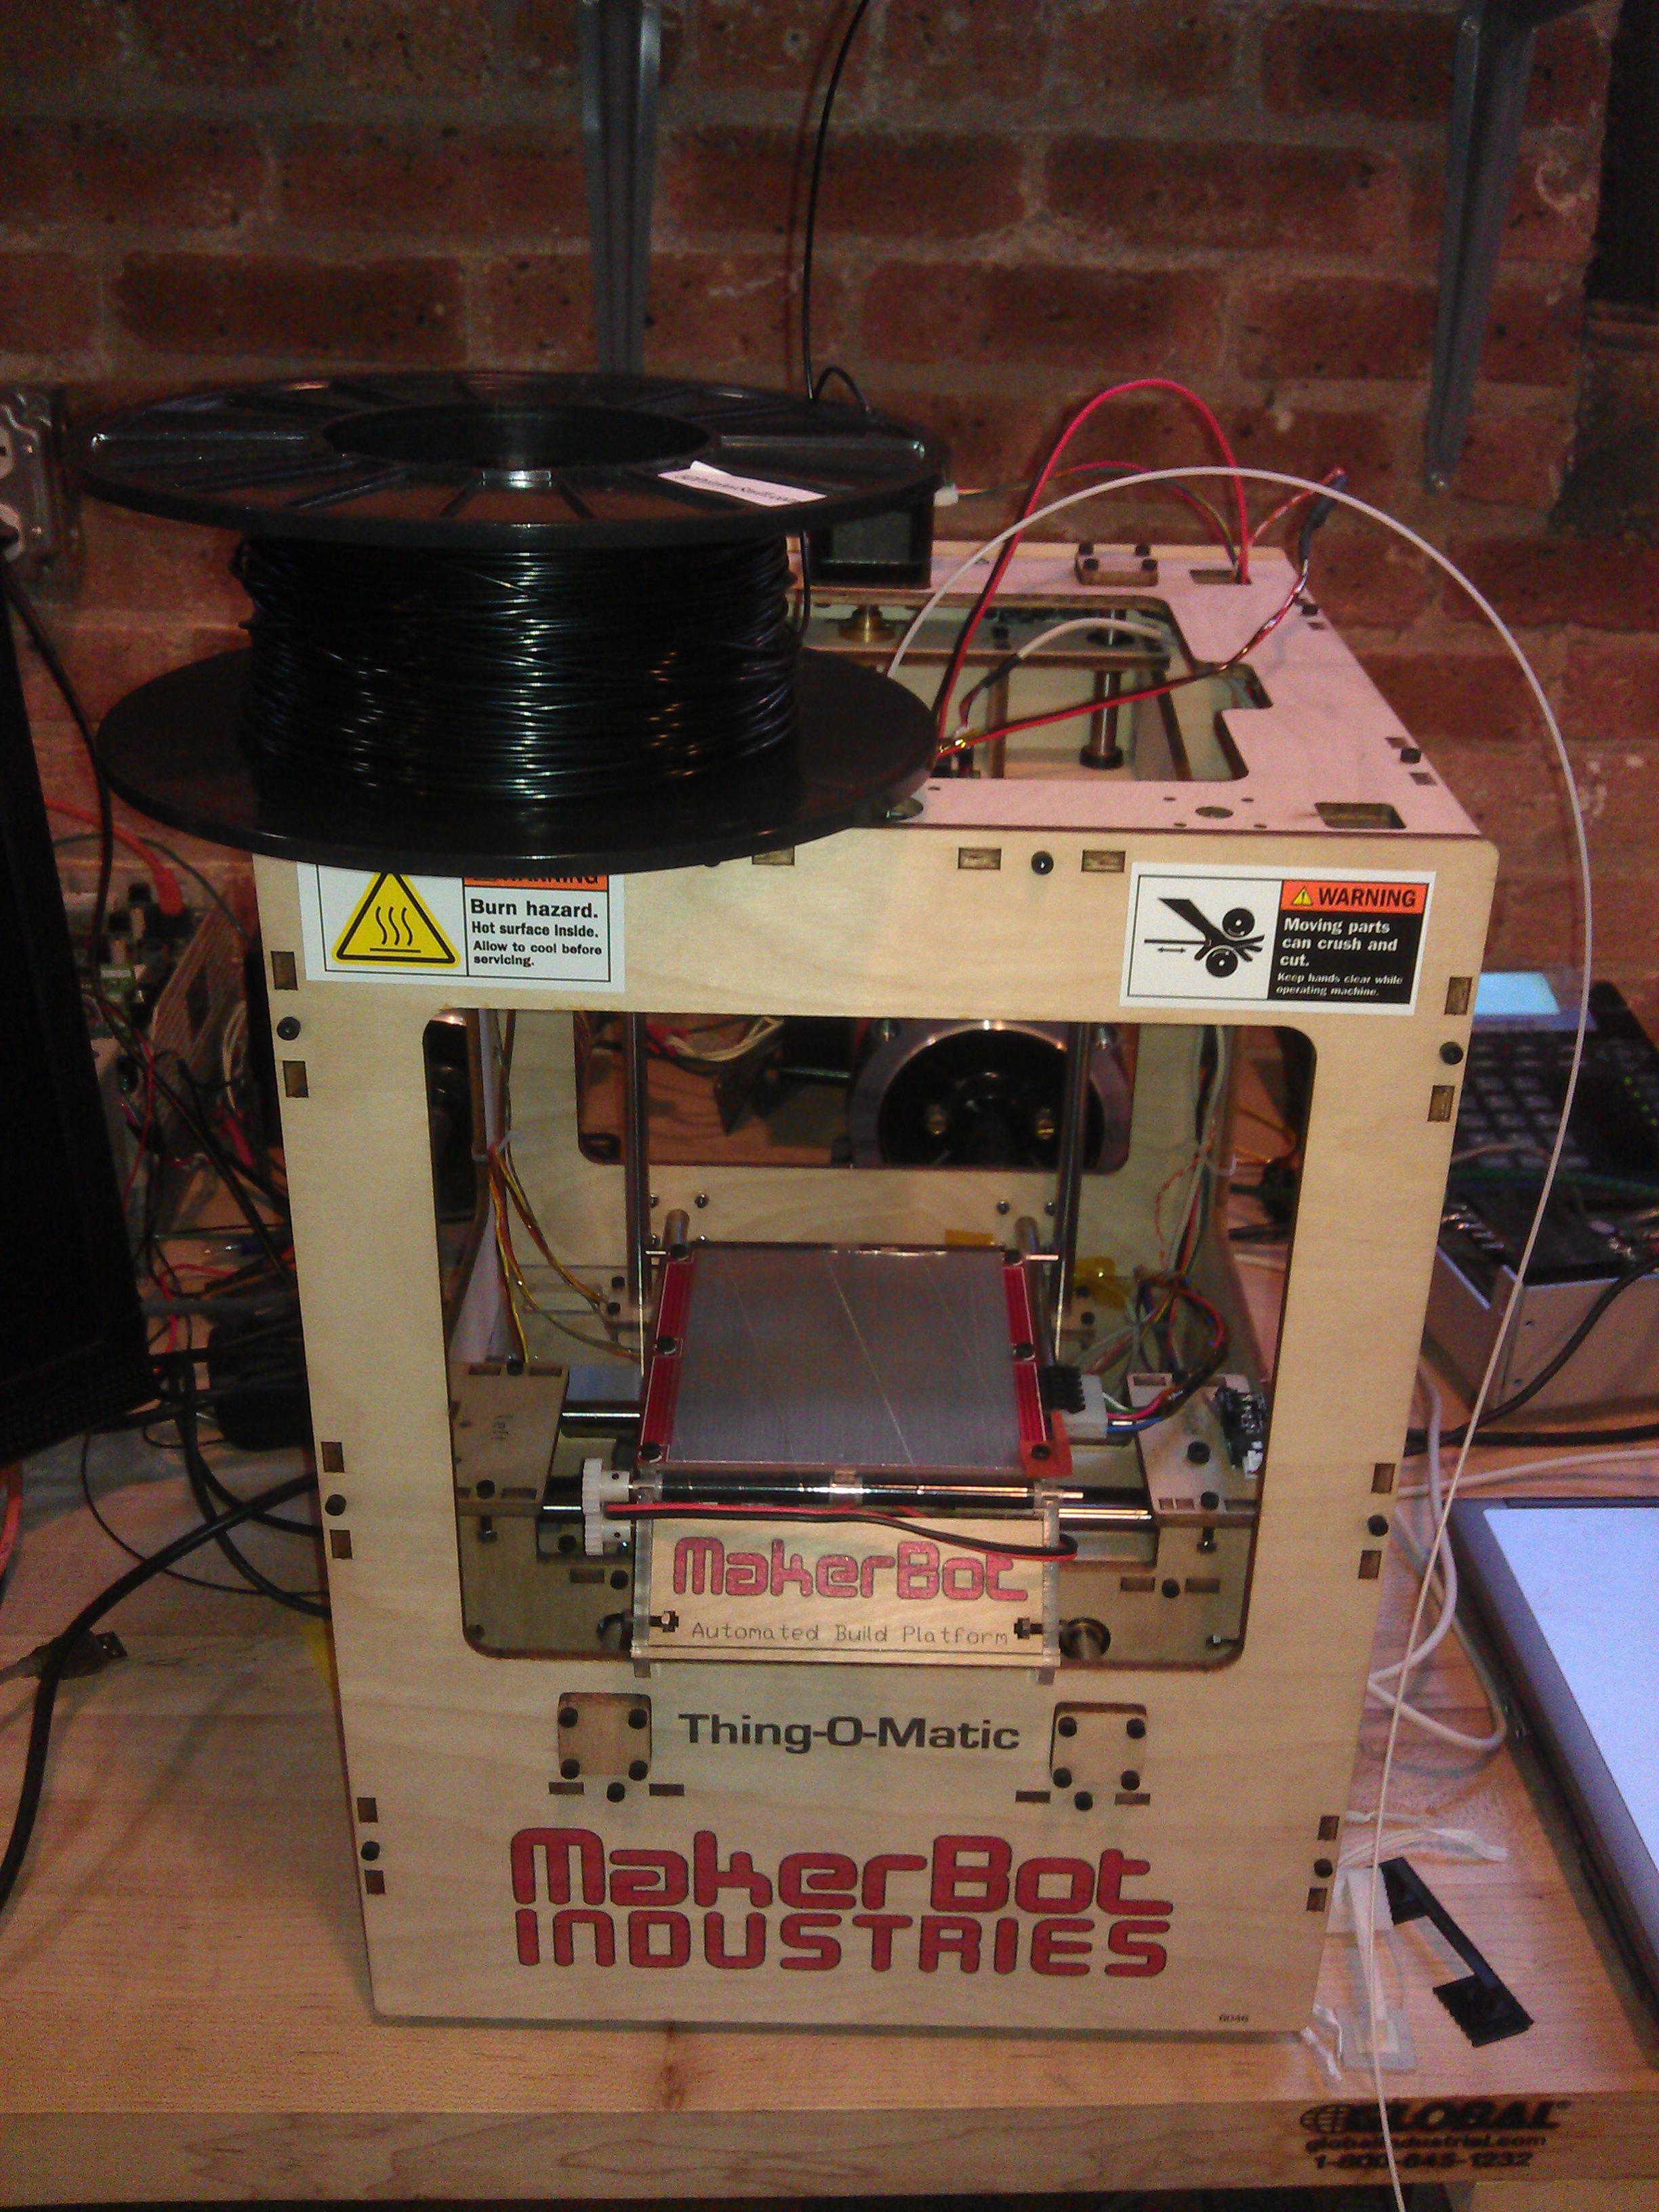 Makerbot wikipedia.